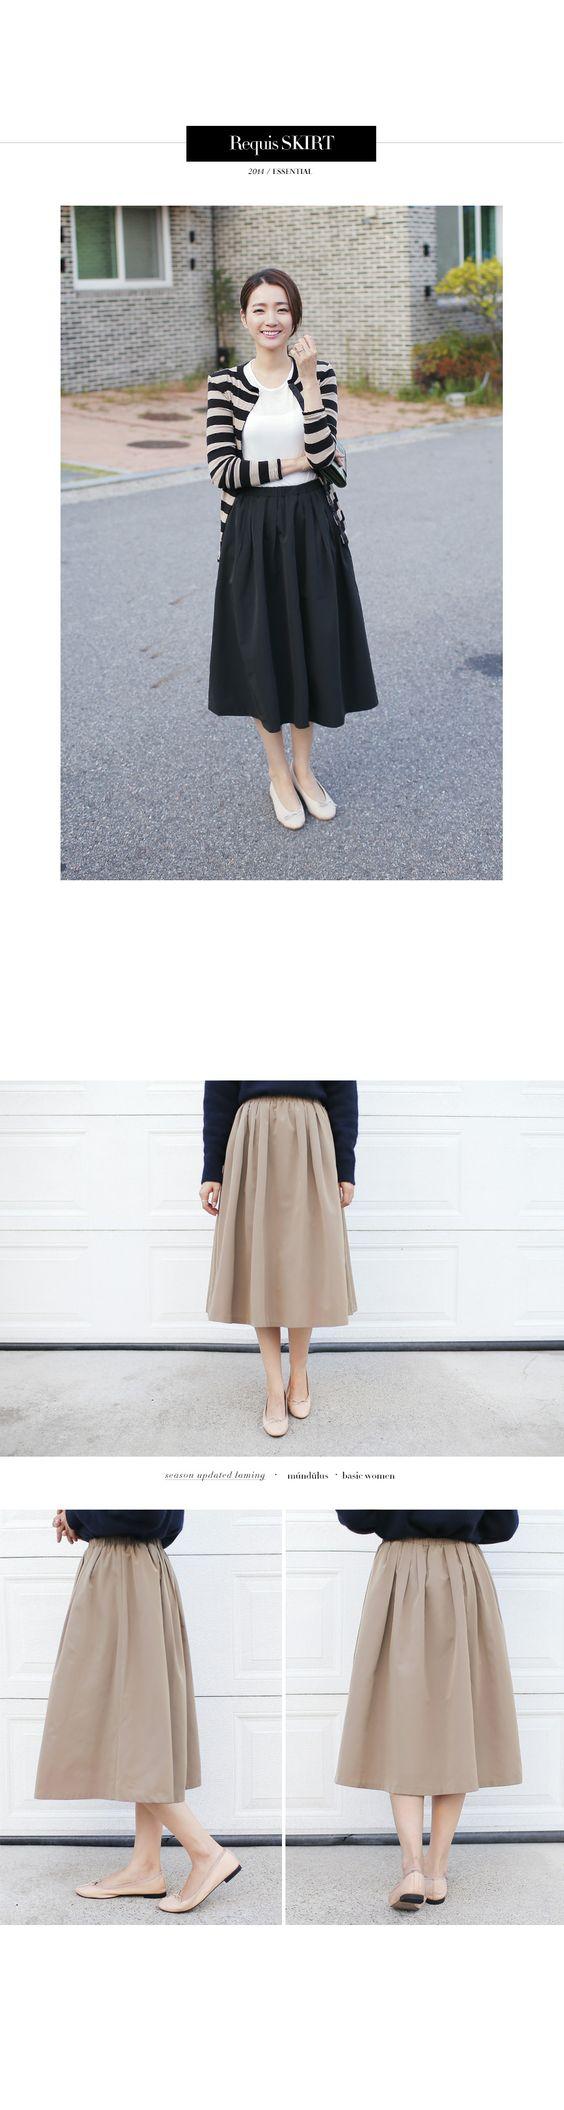 ナチュラルカラーミモレ丈スカート・全2色ワンピース・スカートスカート|大人のレディースファッション通販 HIHOLLIハイホリ [トレンドをプラスした素敵な大人スタイル]